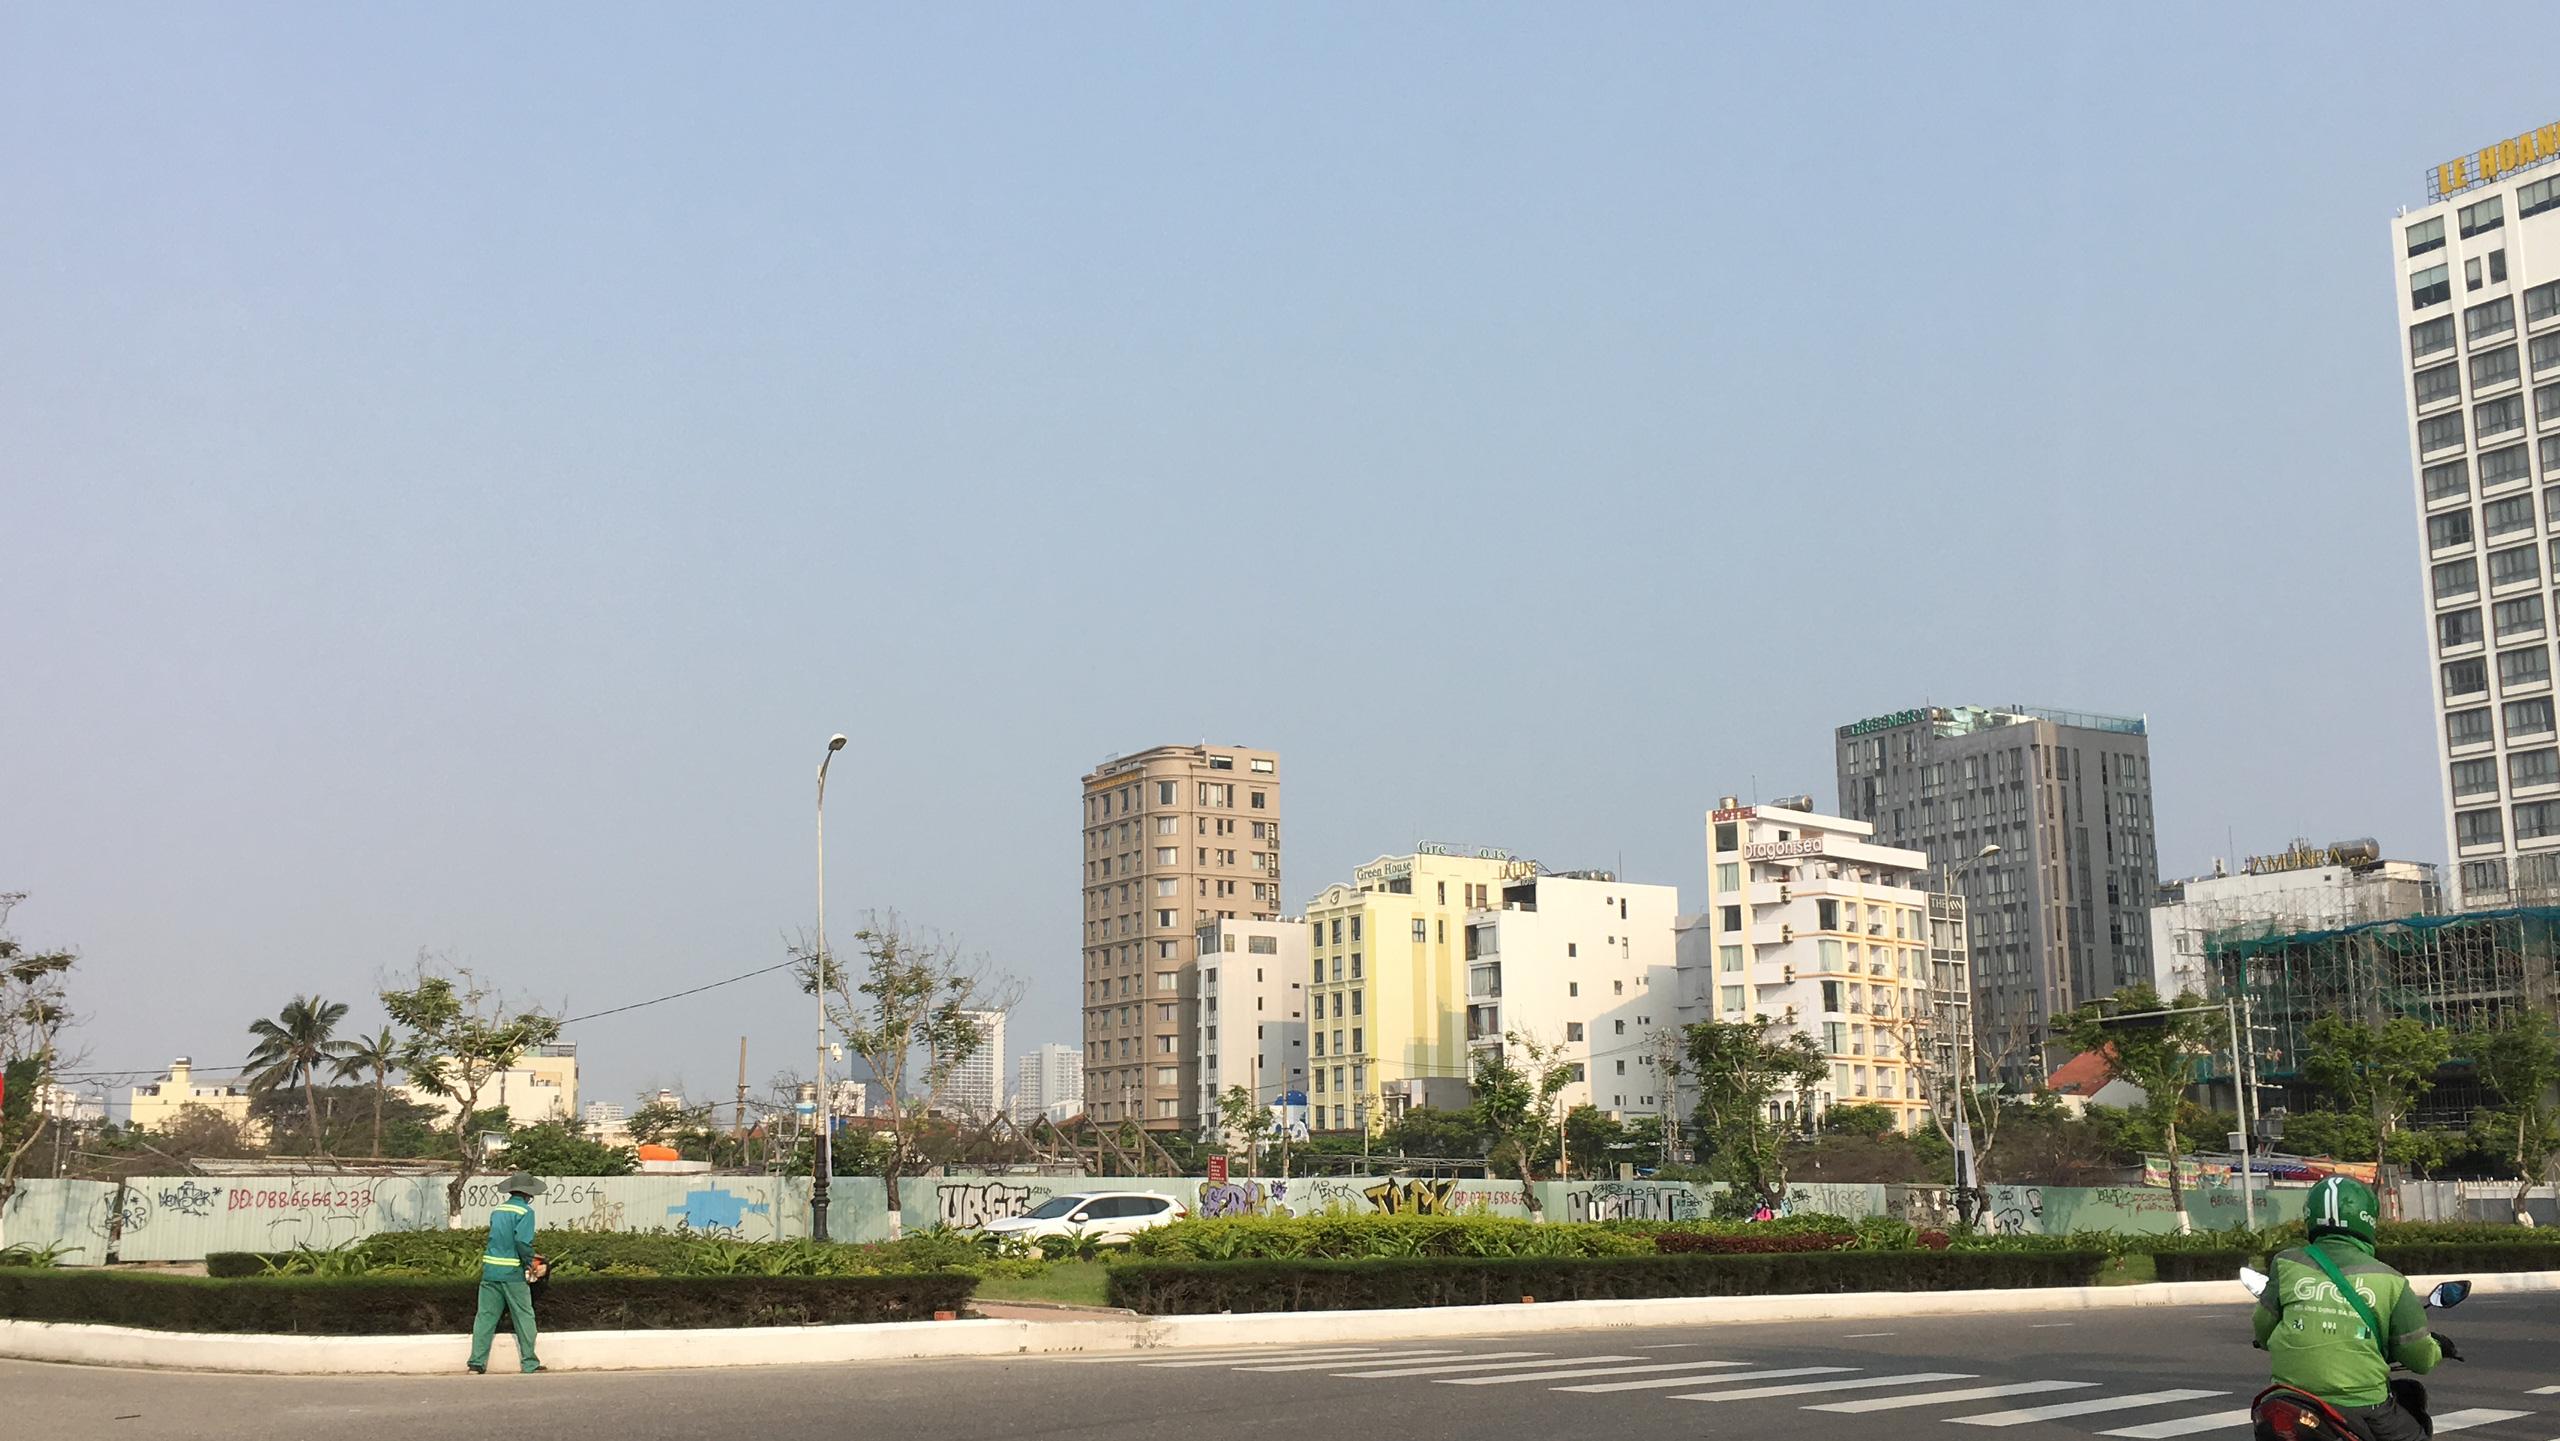 Liên Thái Bình Dương, Sun Group sắp đầu tư hàng tỷ USD vào dự án nào tại Đà Nẵng, vị trí ở đâu? - Ảnh 1.